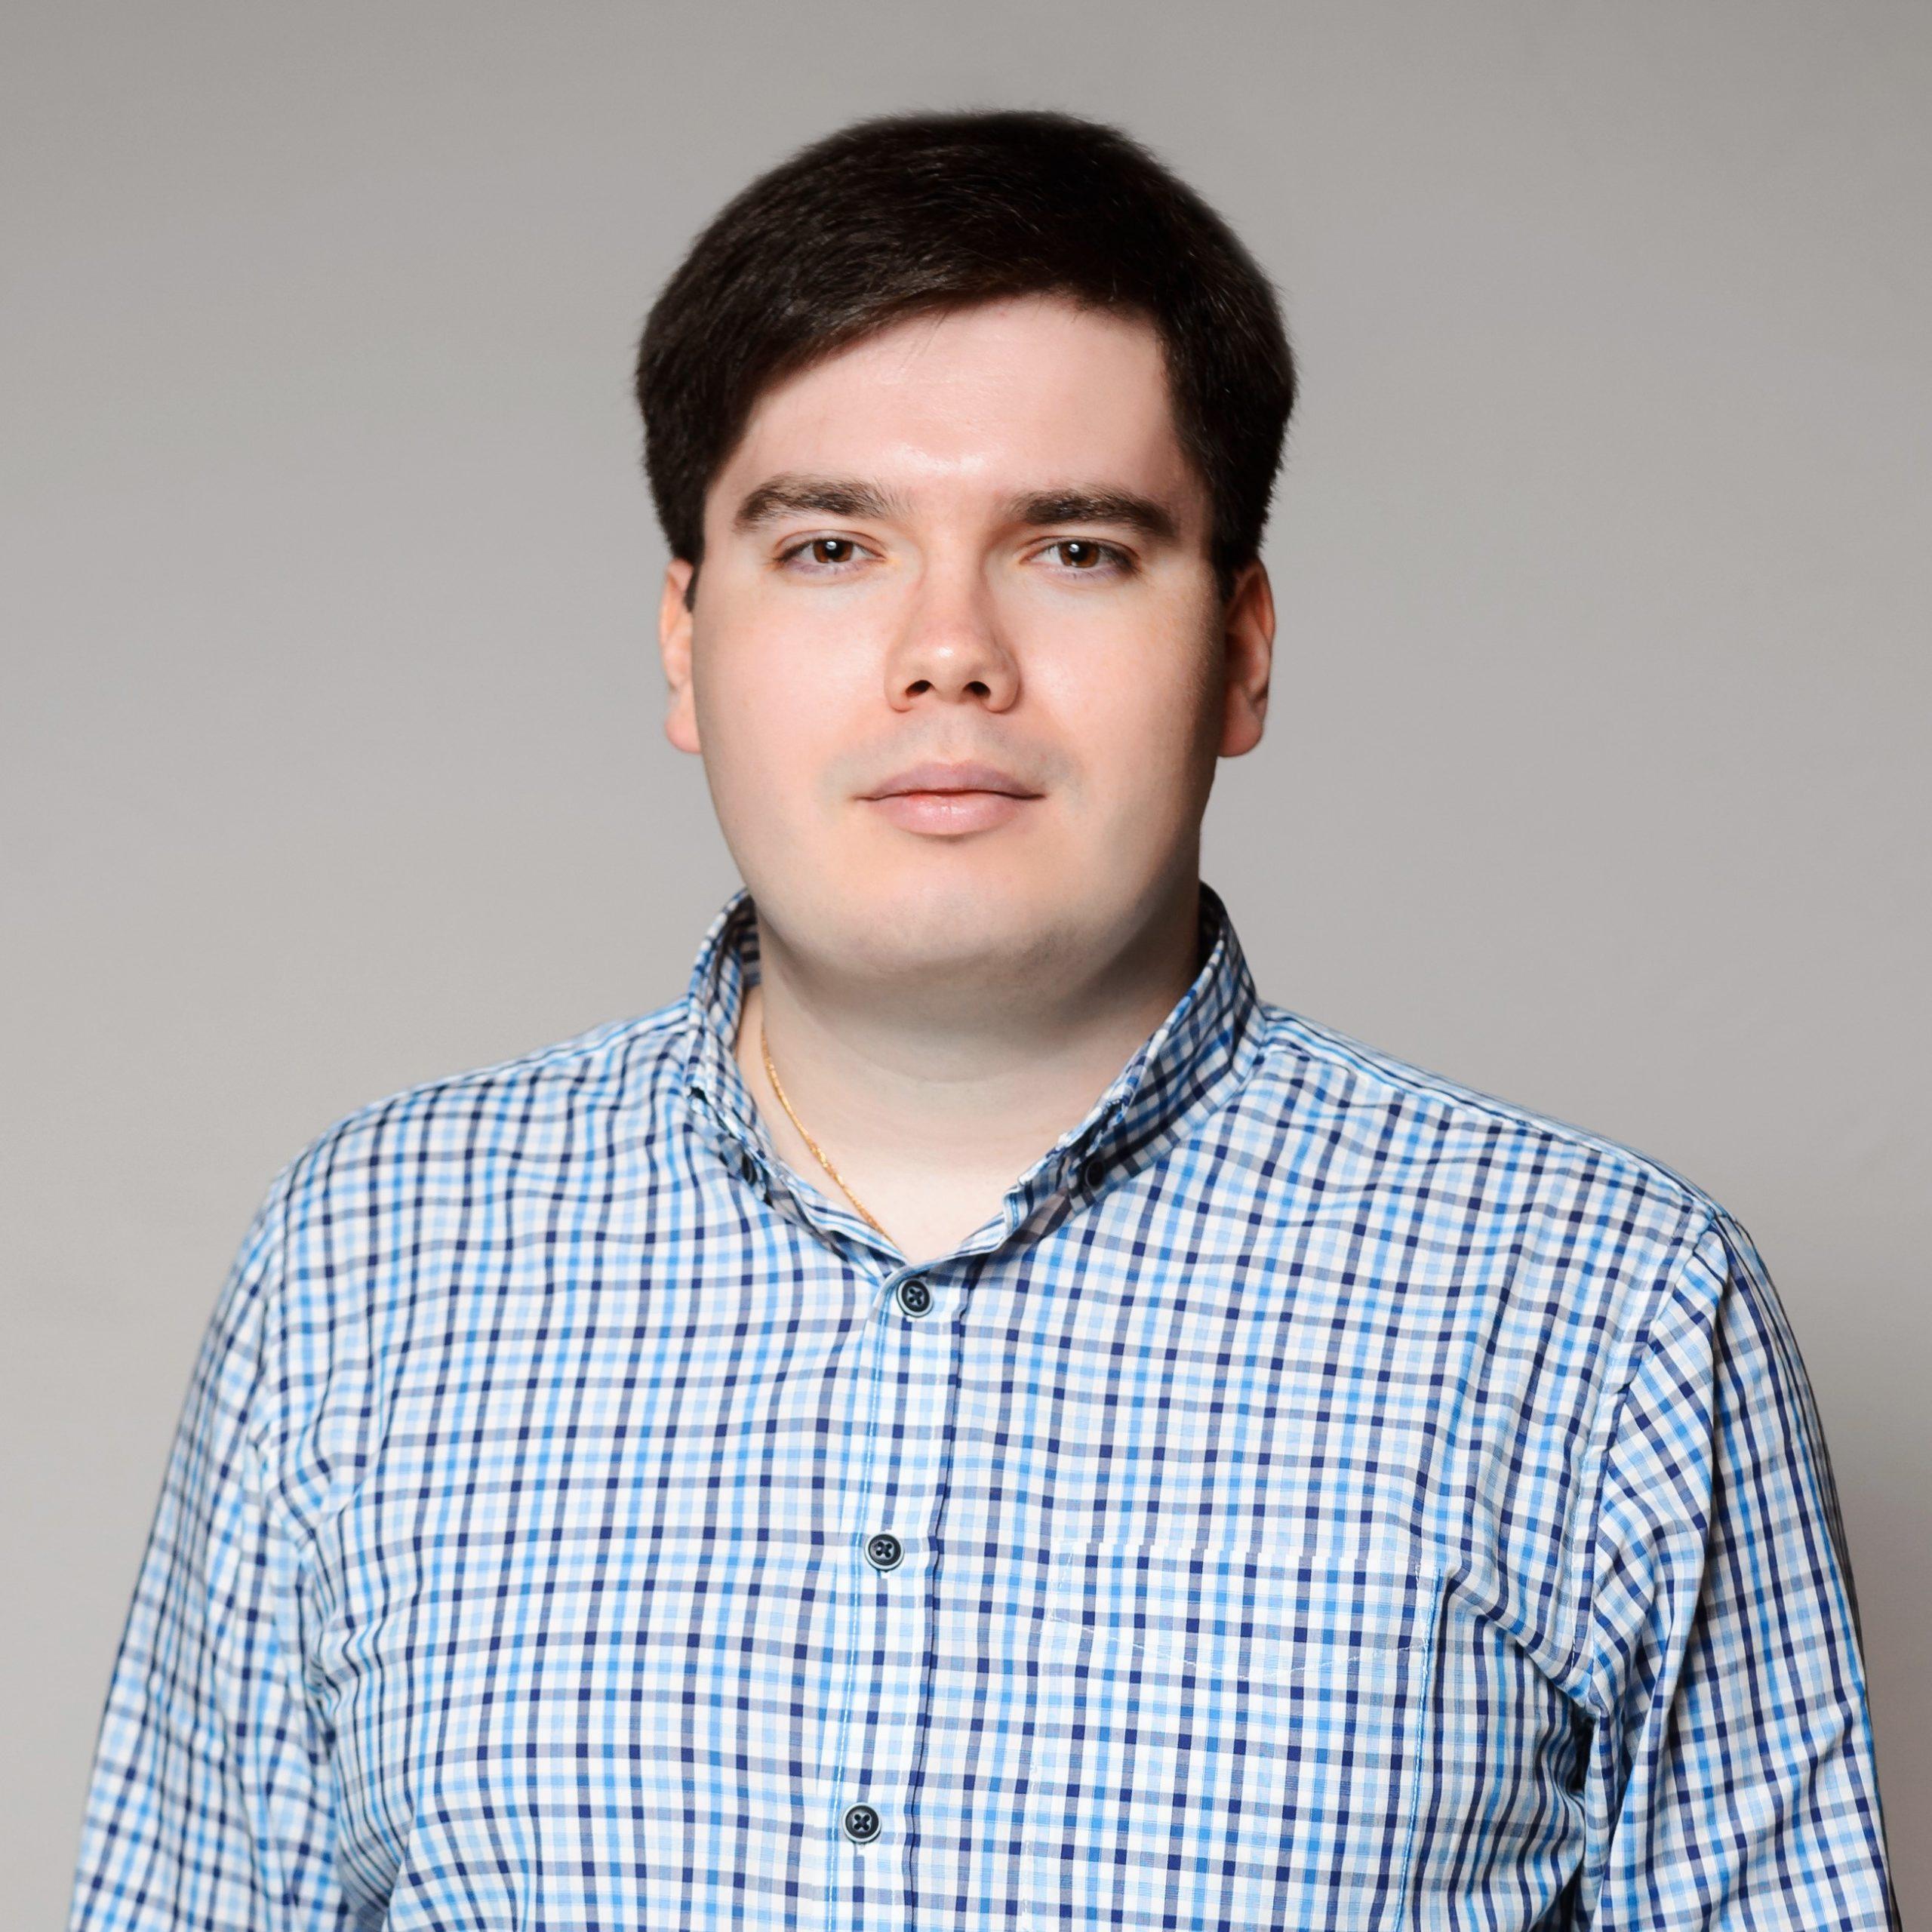 Ильин Николай Сергеевич